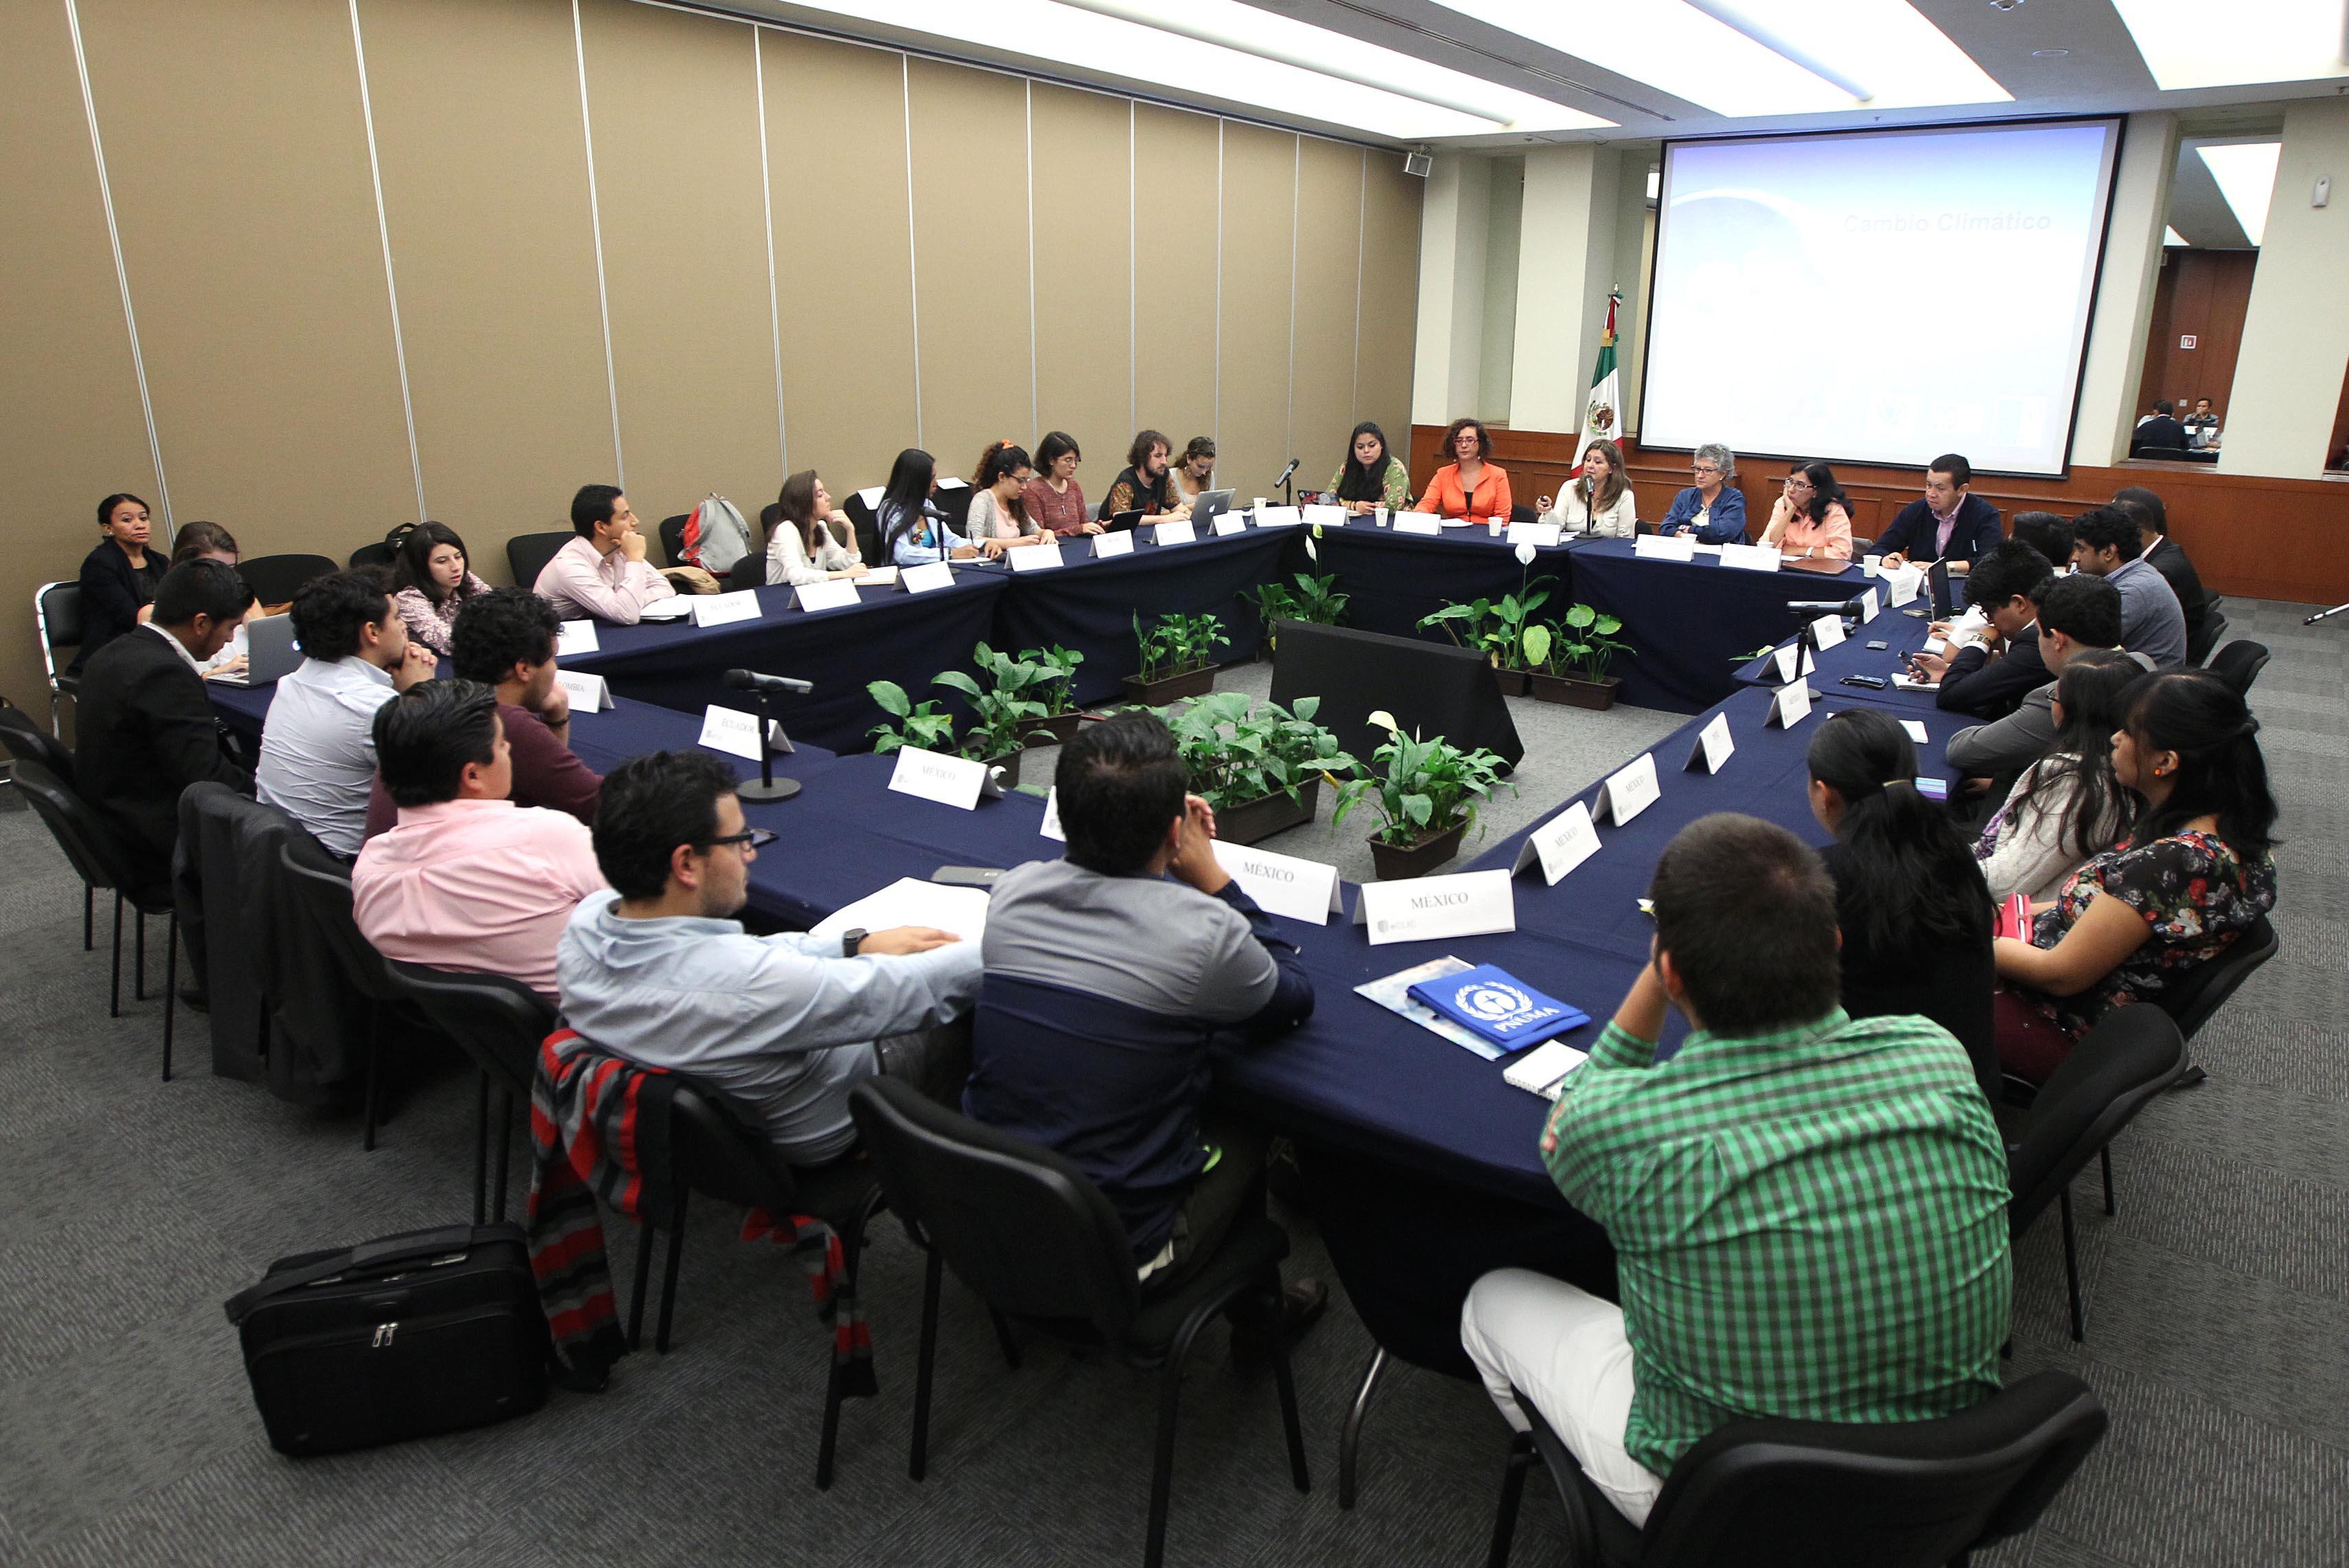 FOTO Encuentro del Movimiento de J venes Latinoamericanos y Caribe os frente al Cambio Clim ticojpg